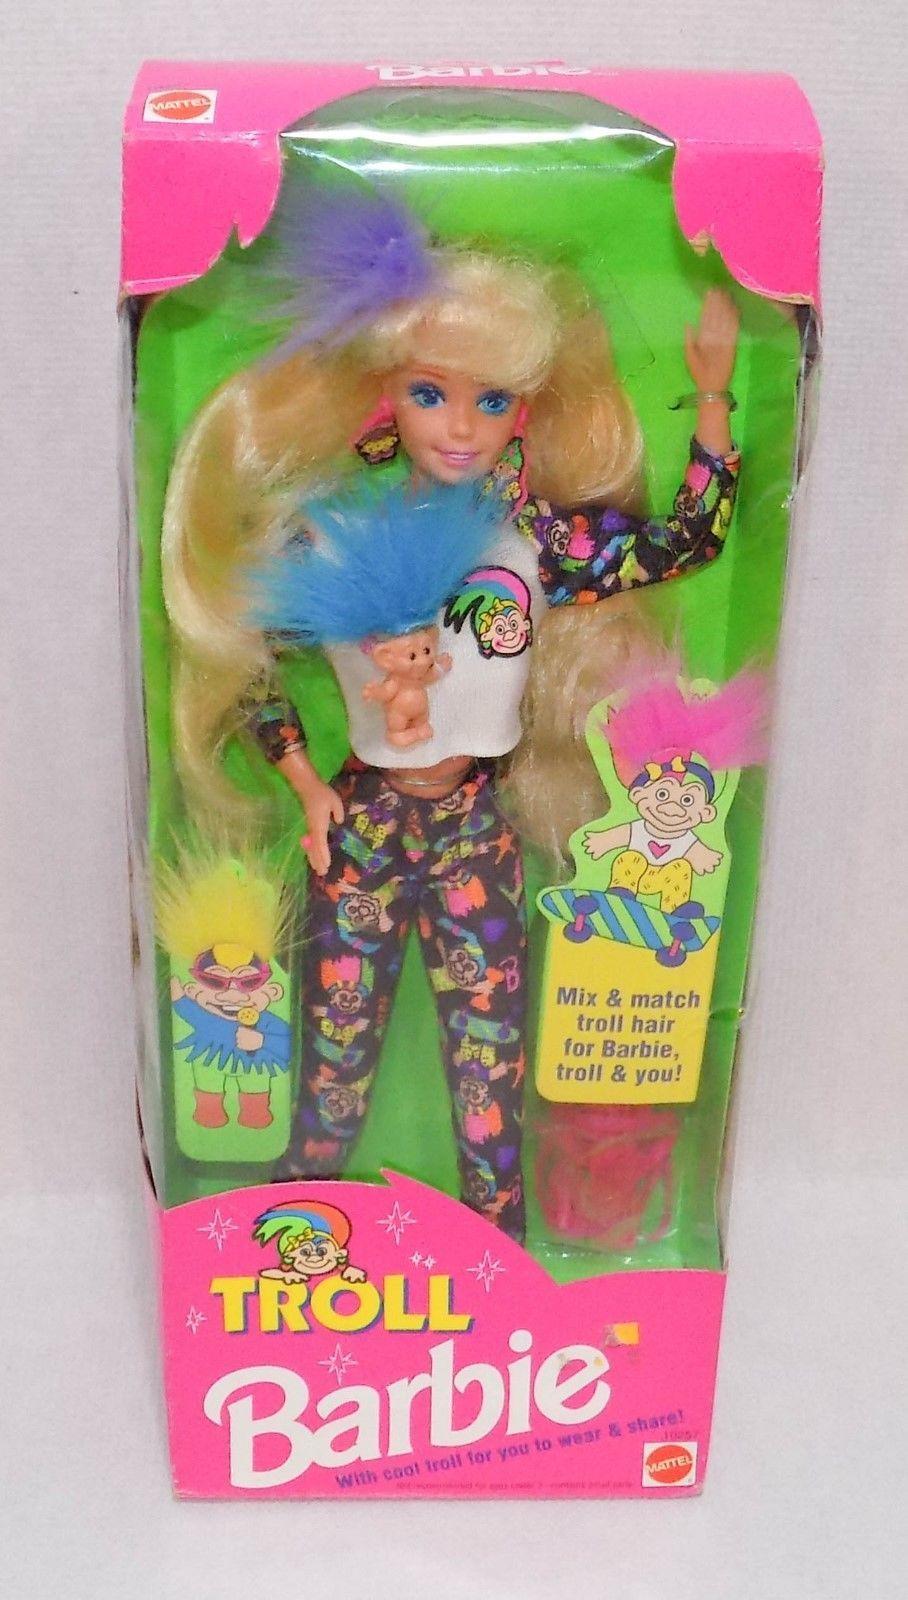 RARE 1992 Troll Barbie NRFB 10257 https://t.co/Za3AAuRlvN https://t.co/UXHRjmxqBq